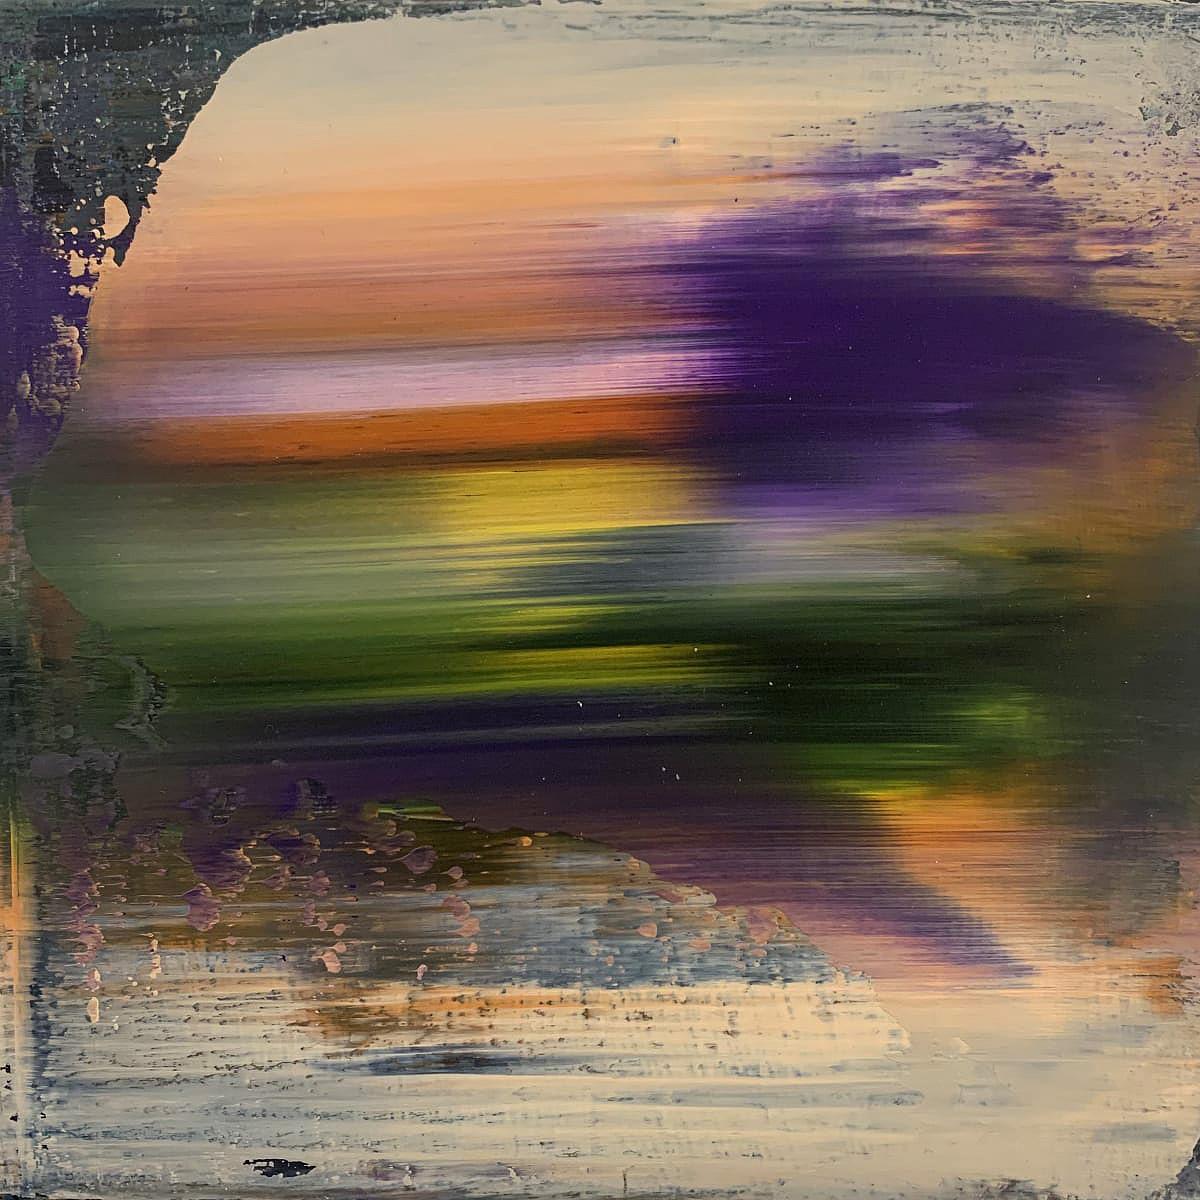 Elfyn Lewis, 'Amdiffyn', acrylic on board